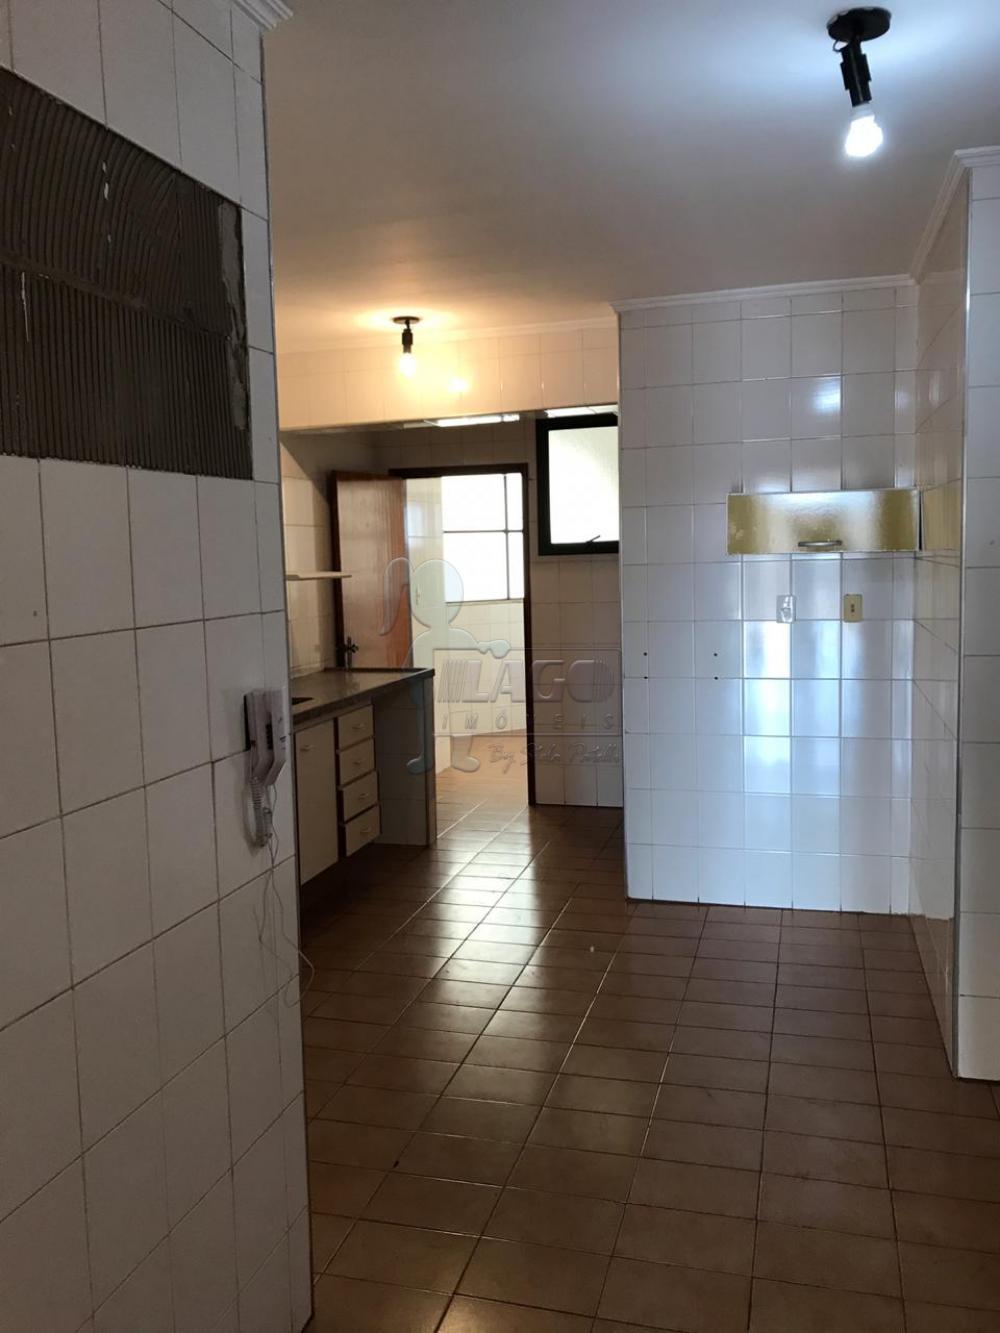 Alugar Apartamento / Padrão em Ribeirão Preto apenas R$ 600,00 - Foto 14